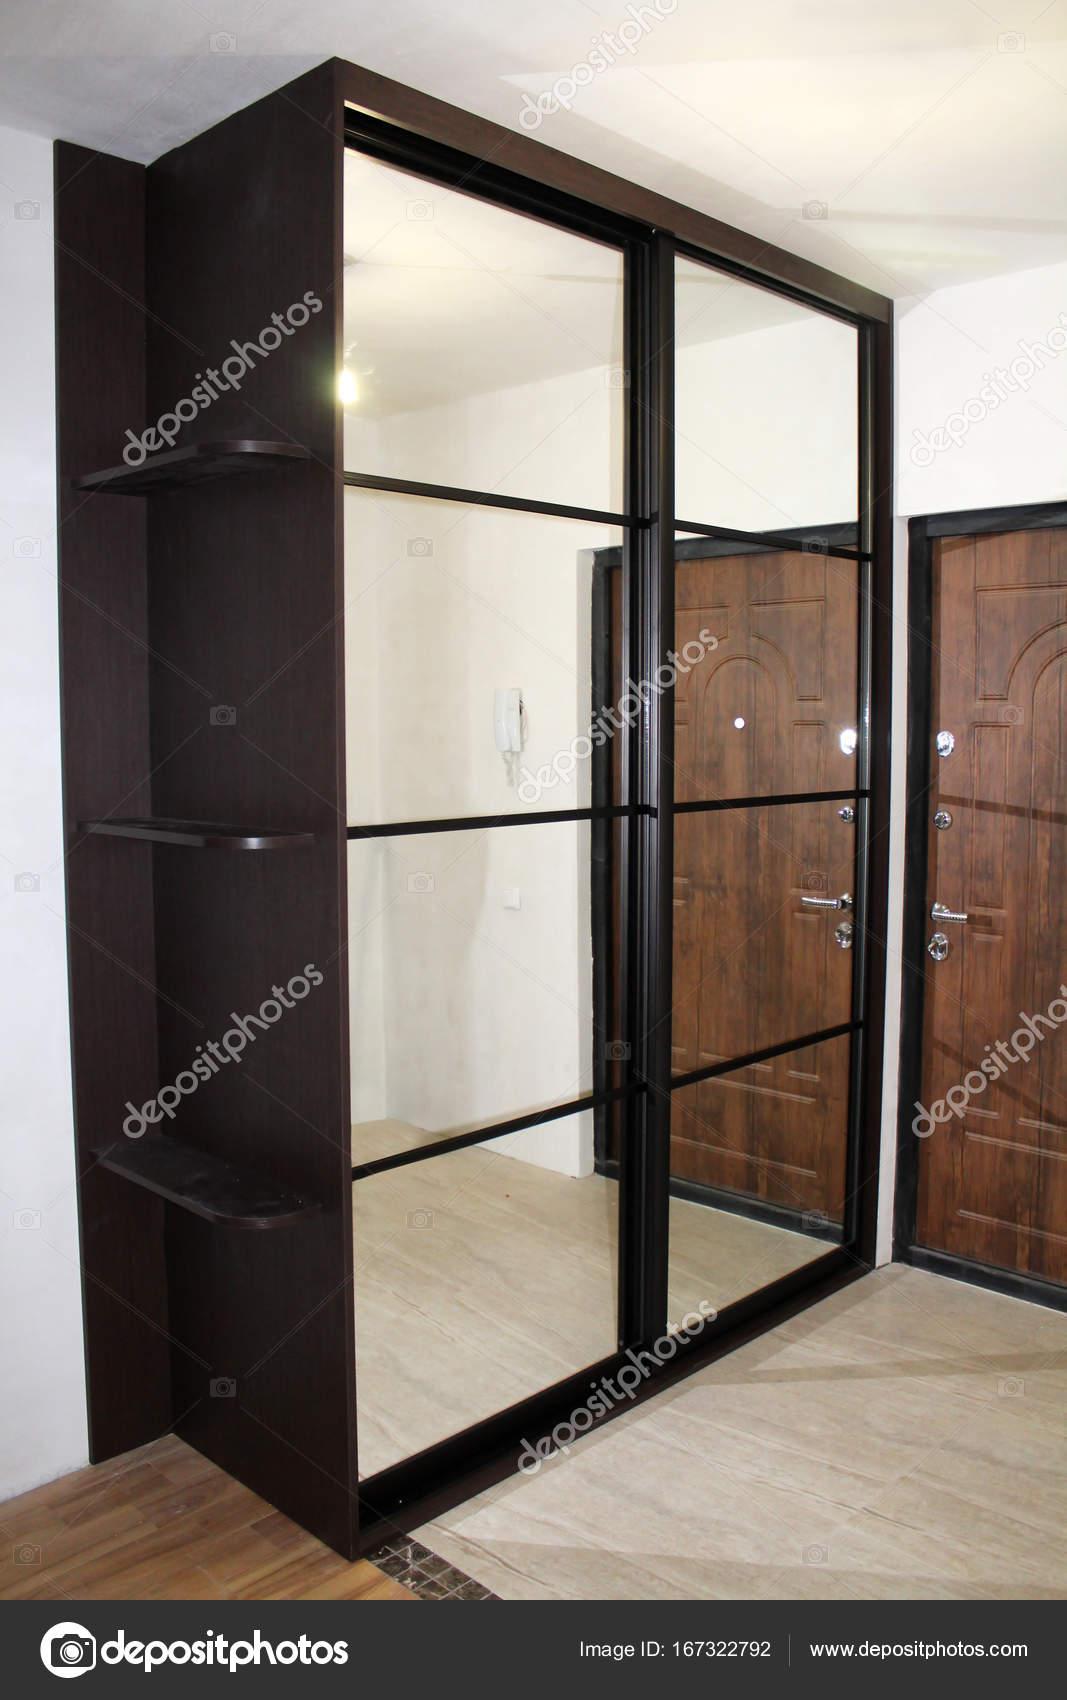 Schrank mit Schiebetüren. Möbel. Interior design — Stockfoto ...